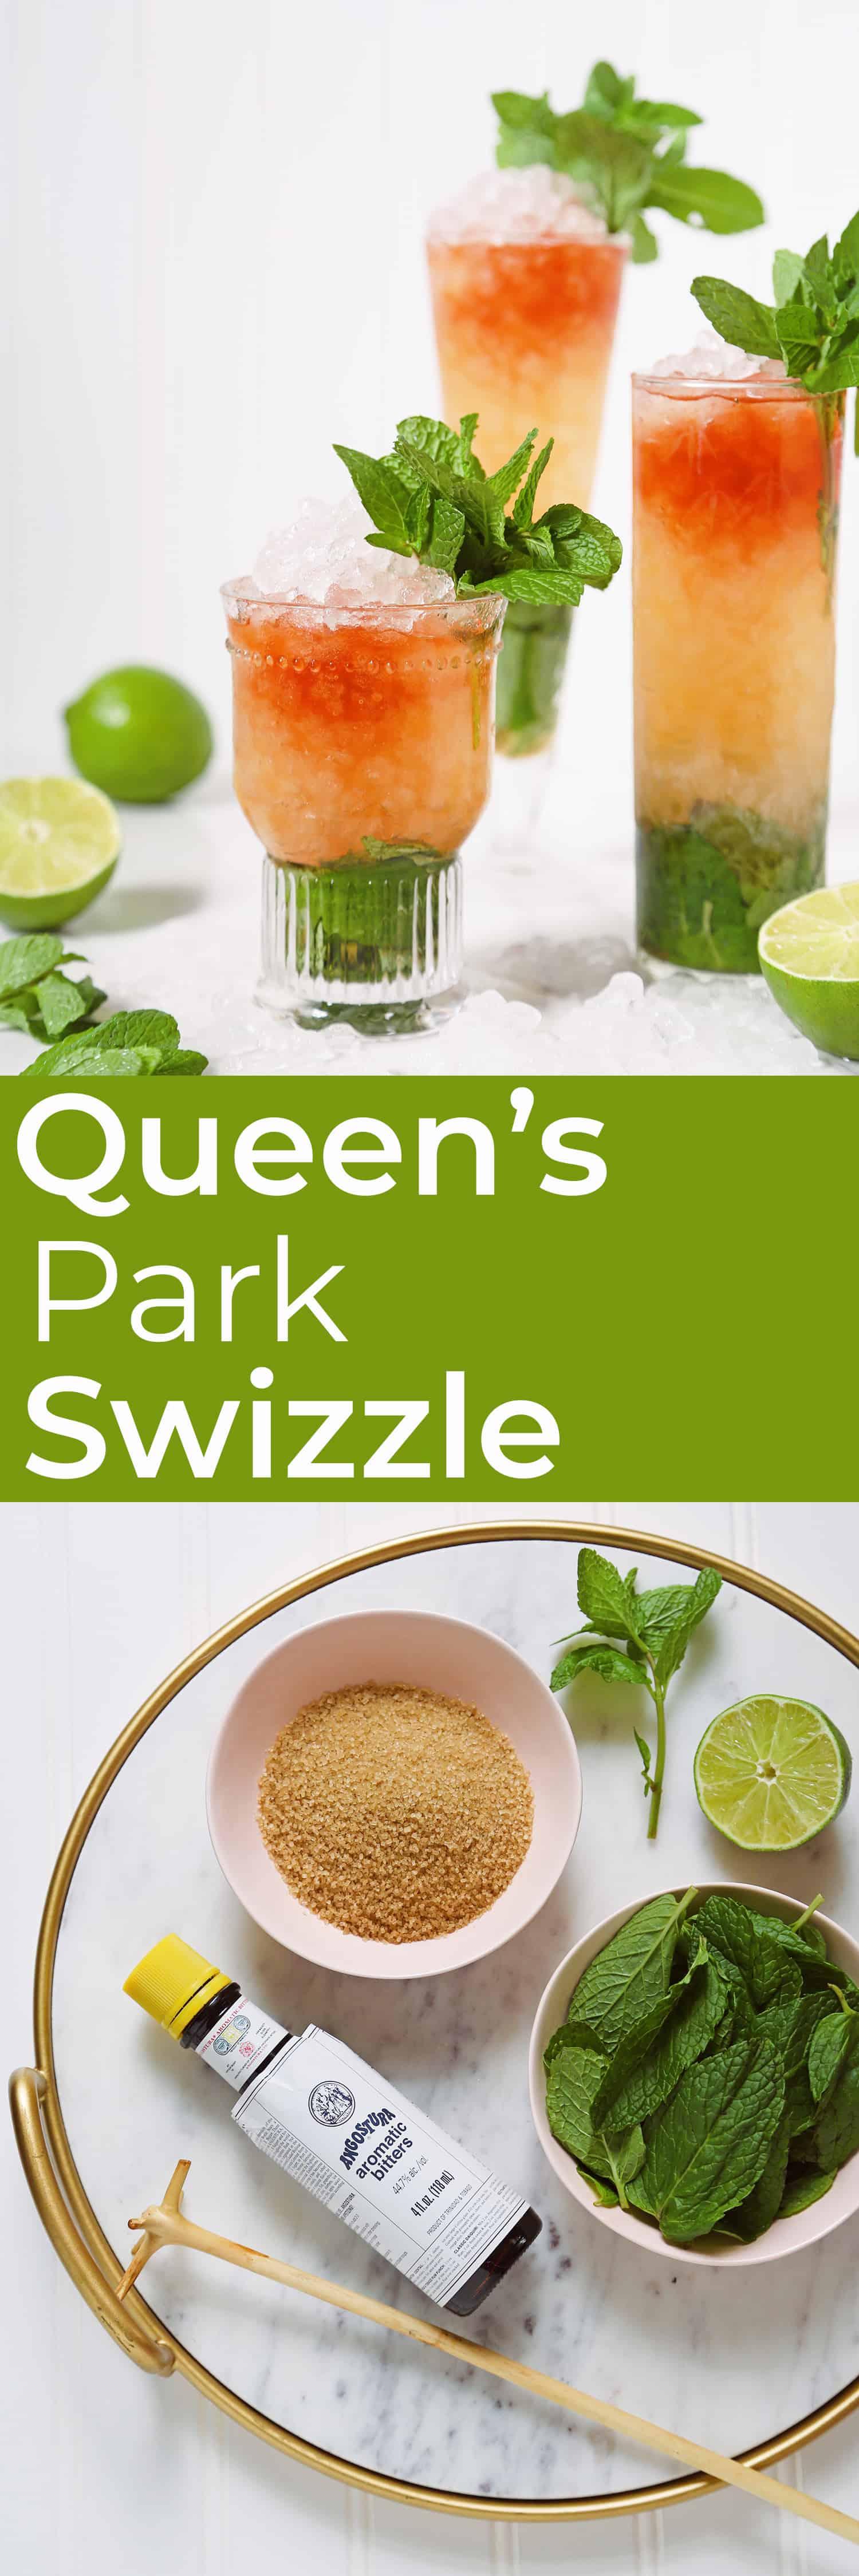 Queen's Park Swizzle